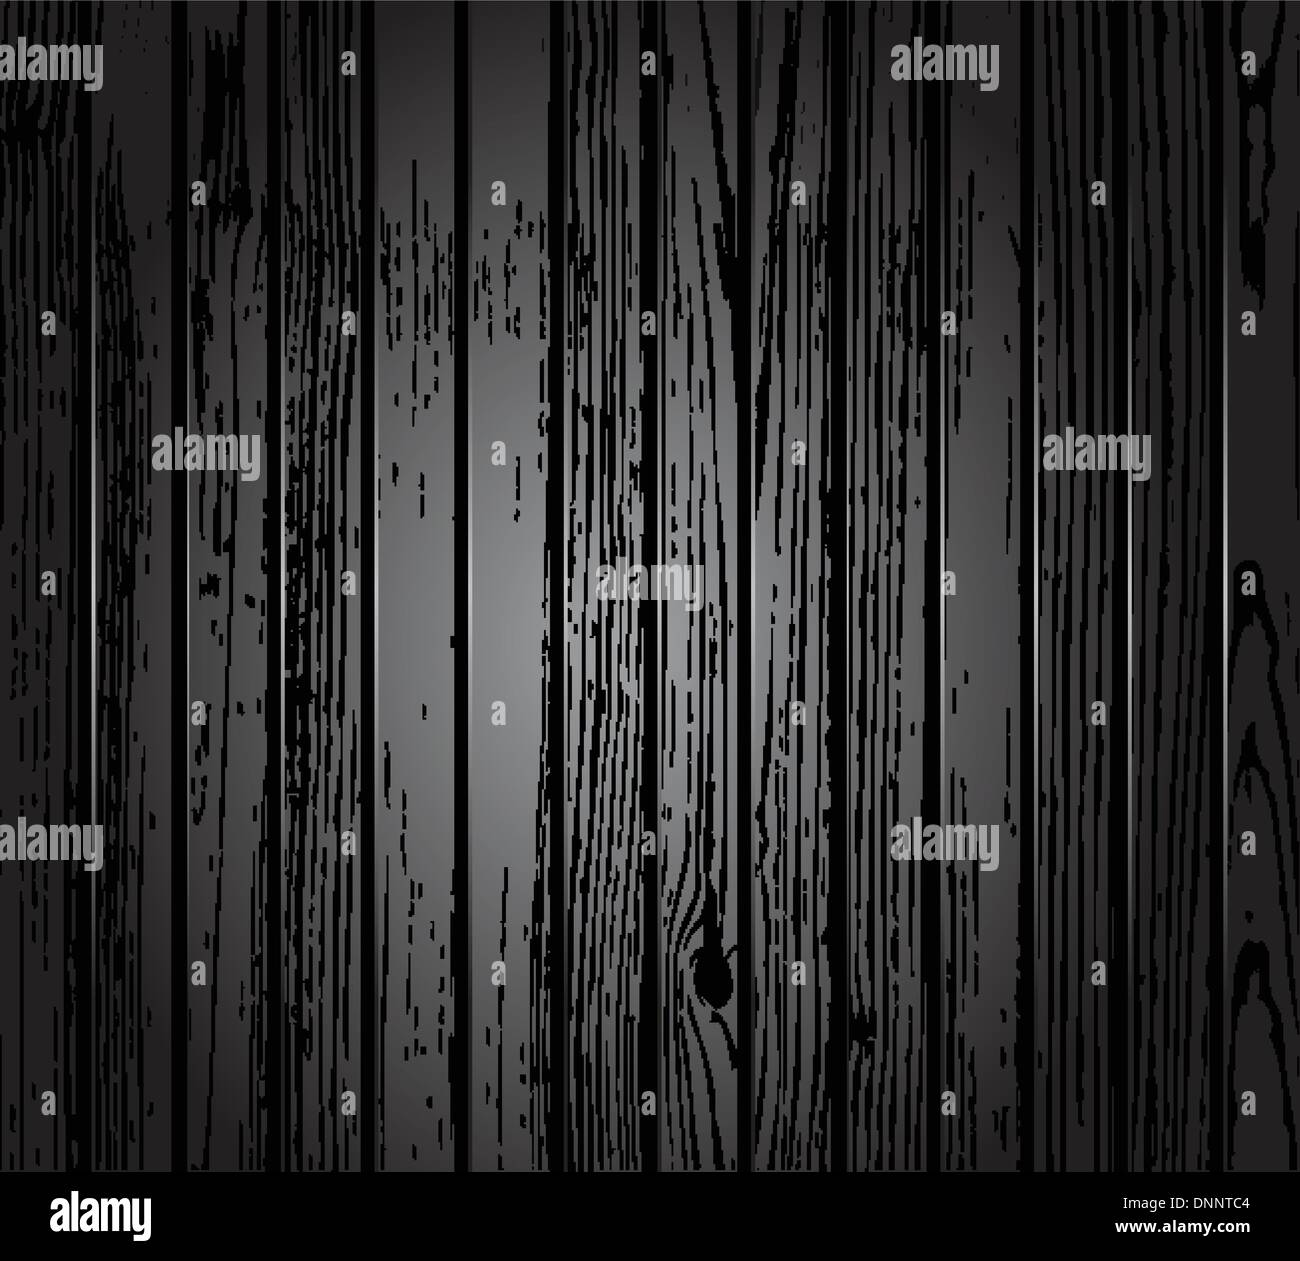 Vettore di legno texture in bianco e nero di stile. Facile per ricolorare Immagini Stock